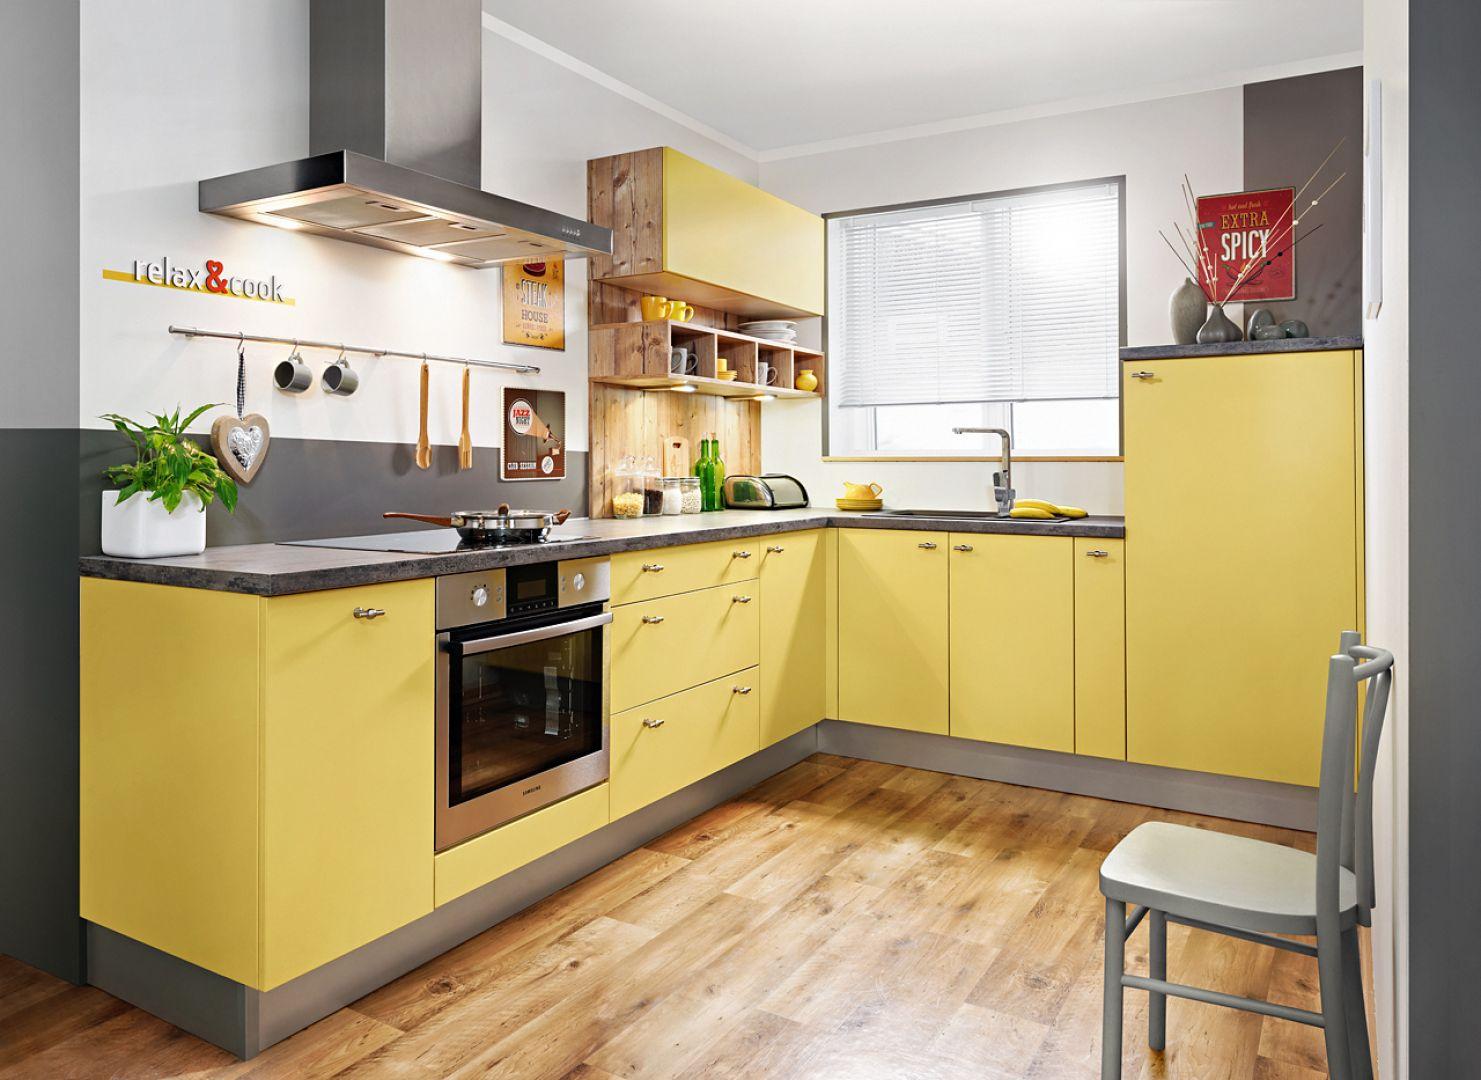 Kuchnia KAMPlus w ciepłym żółtym kolorze prezentuje się bardzo oryginalnie. Świetnie sprawdzi się w mieszkaniu w bloku. Fot. KAM